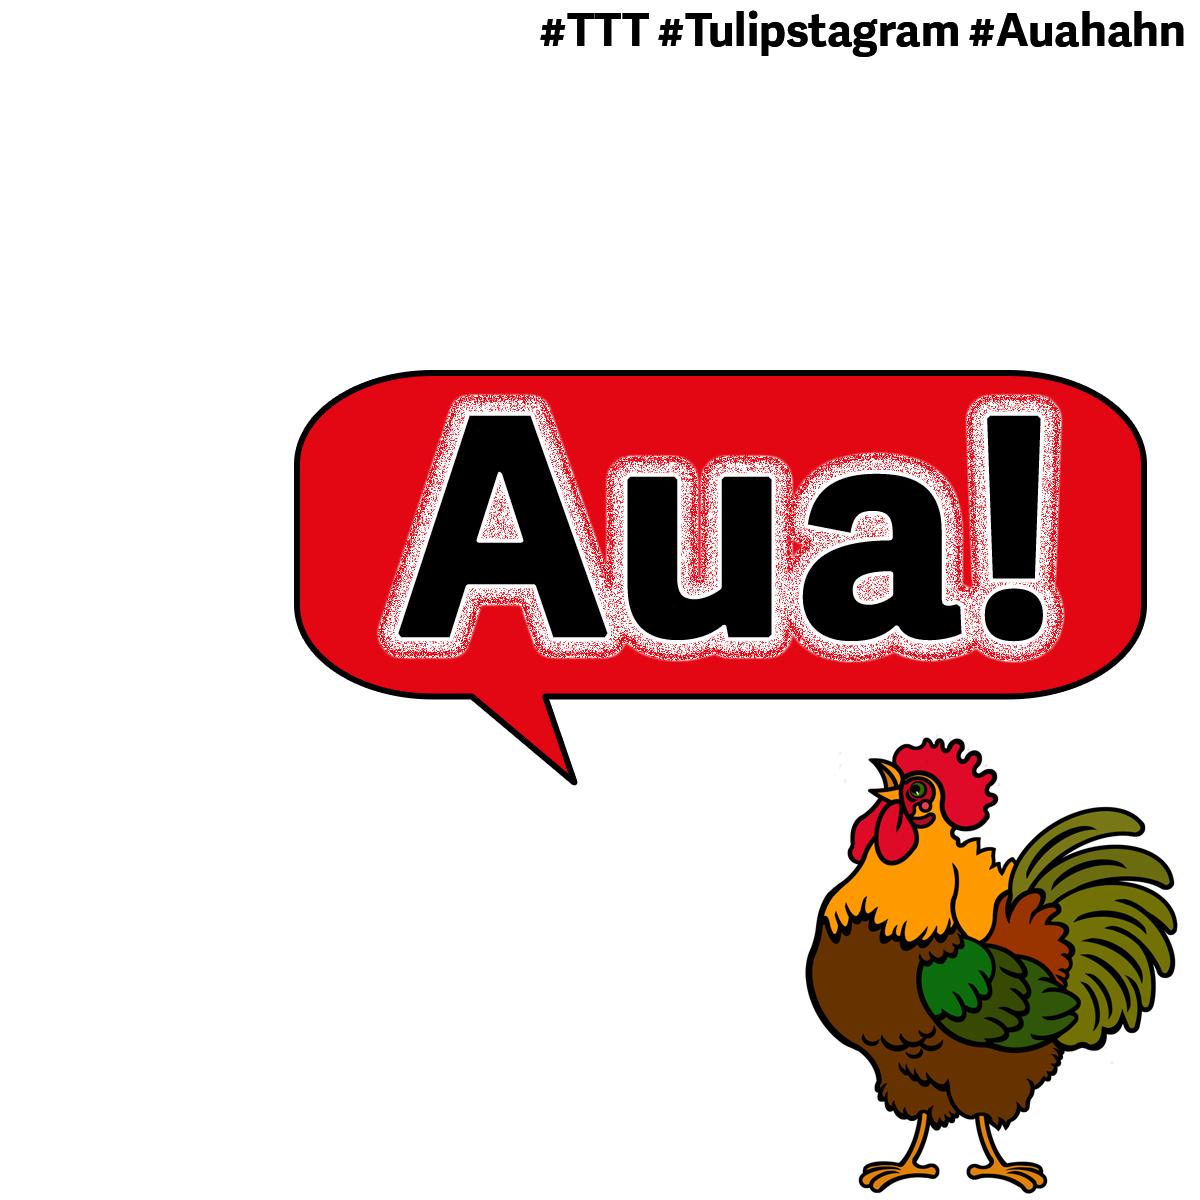 Der #Auahahn #TTT #Tulipstagram